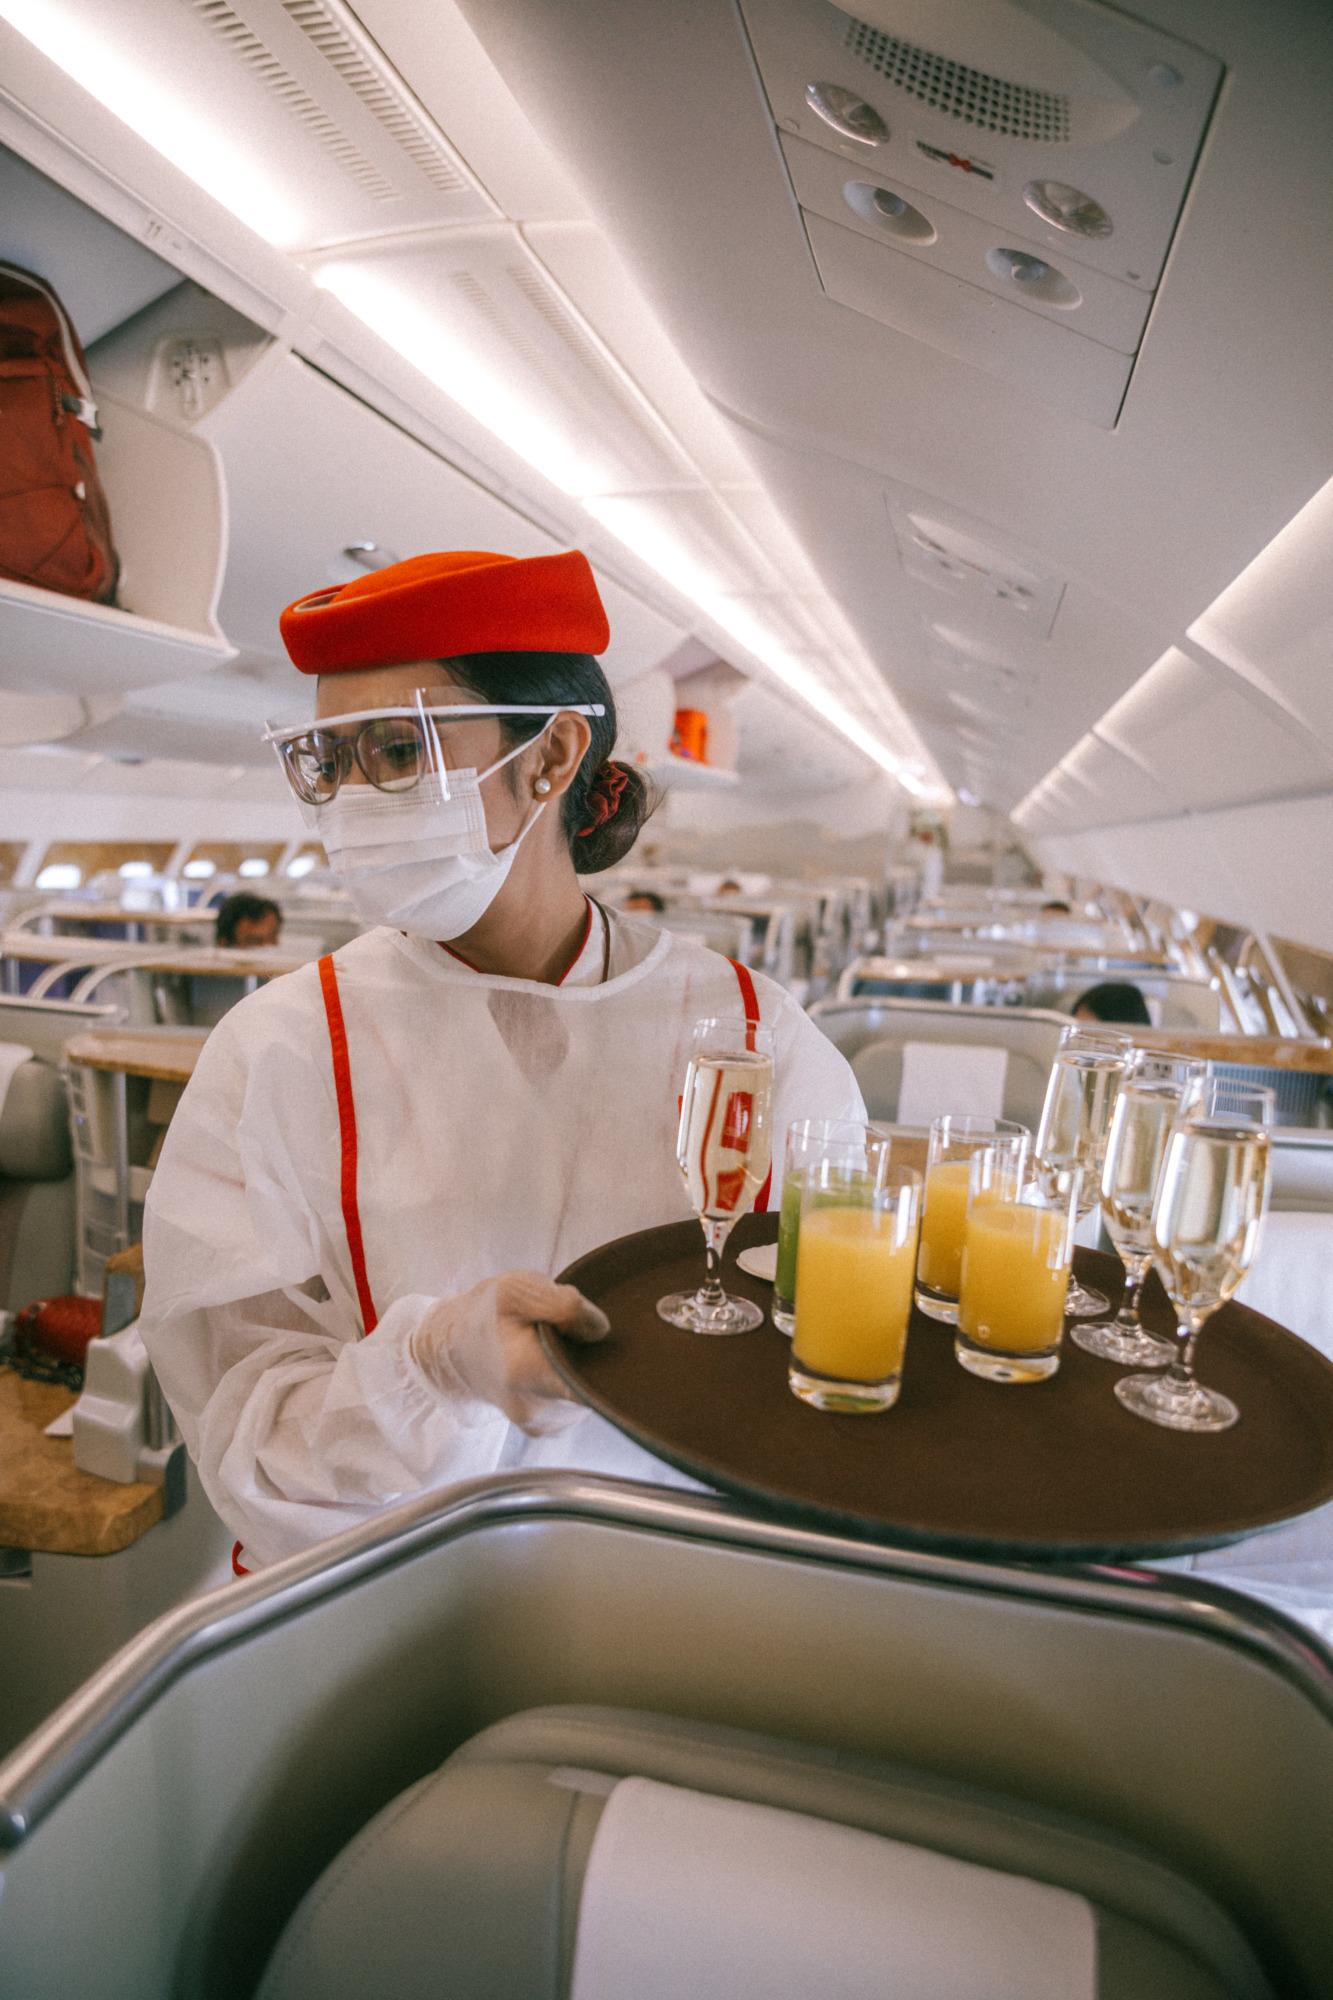 Emirates - Blondie Baby blog voyages